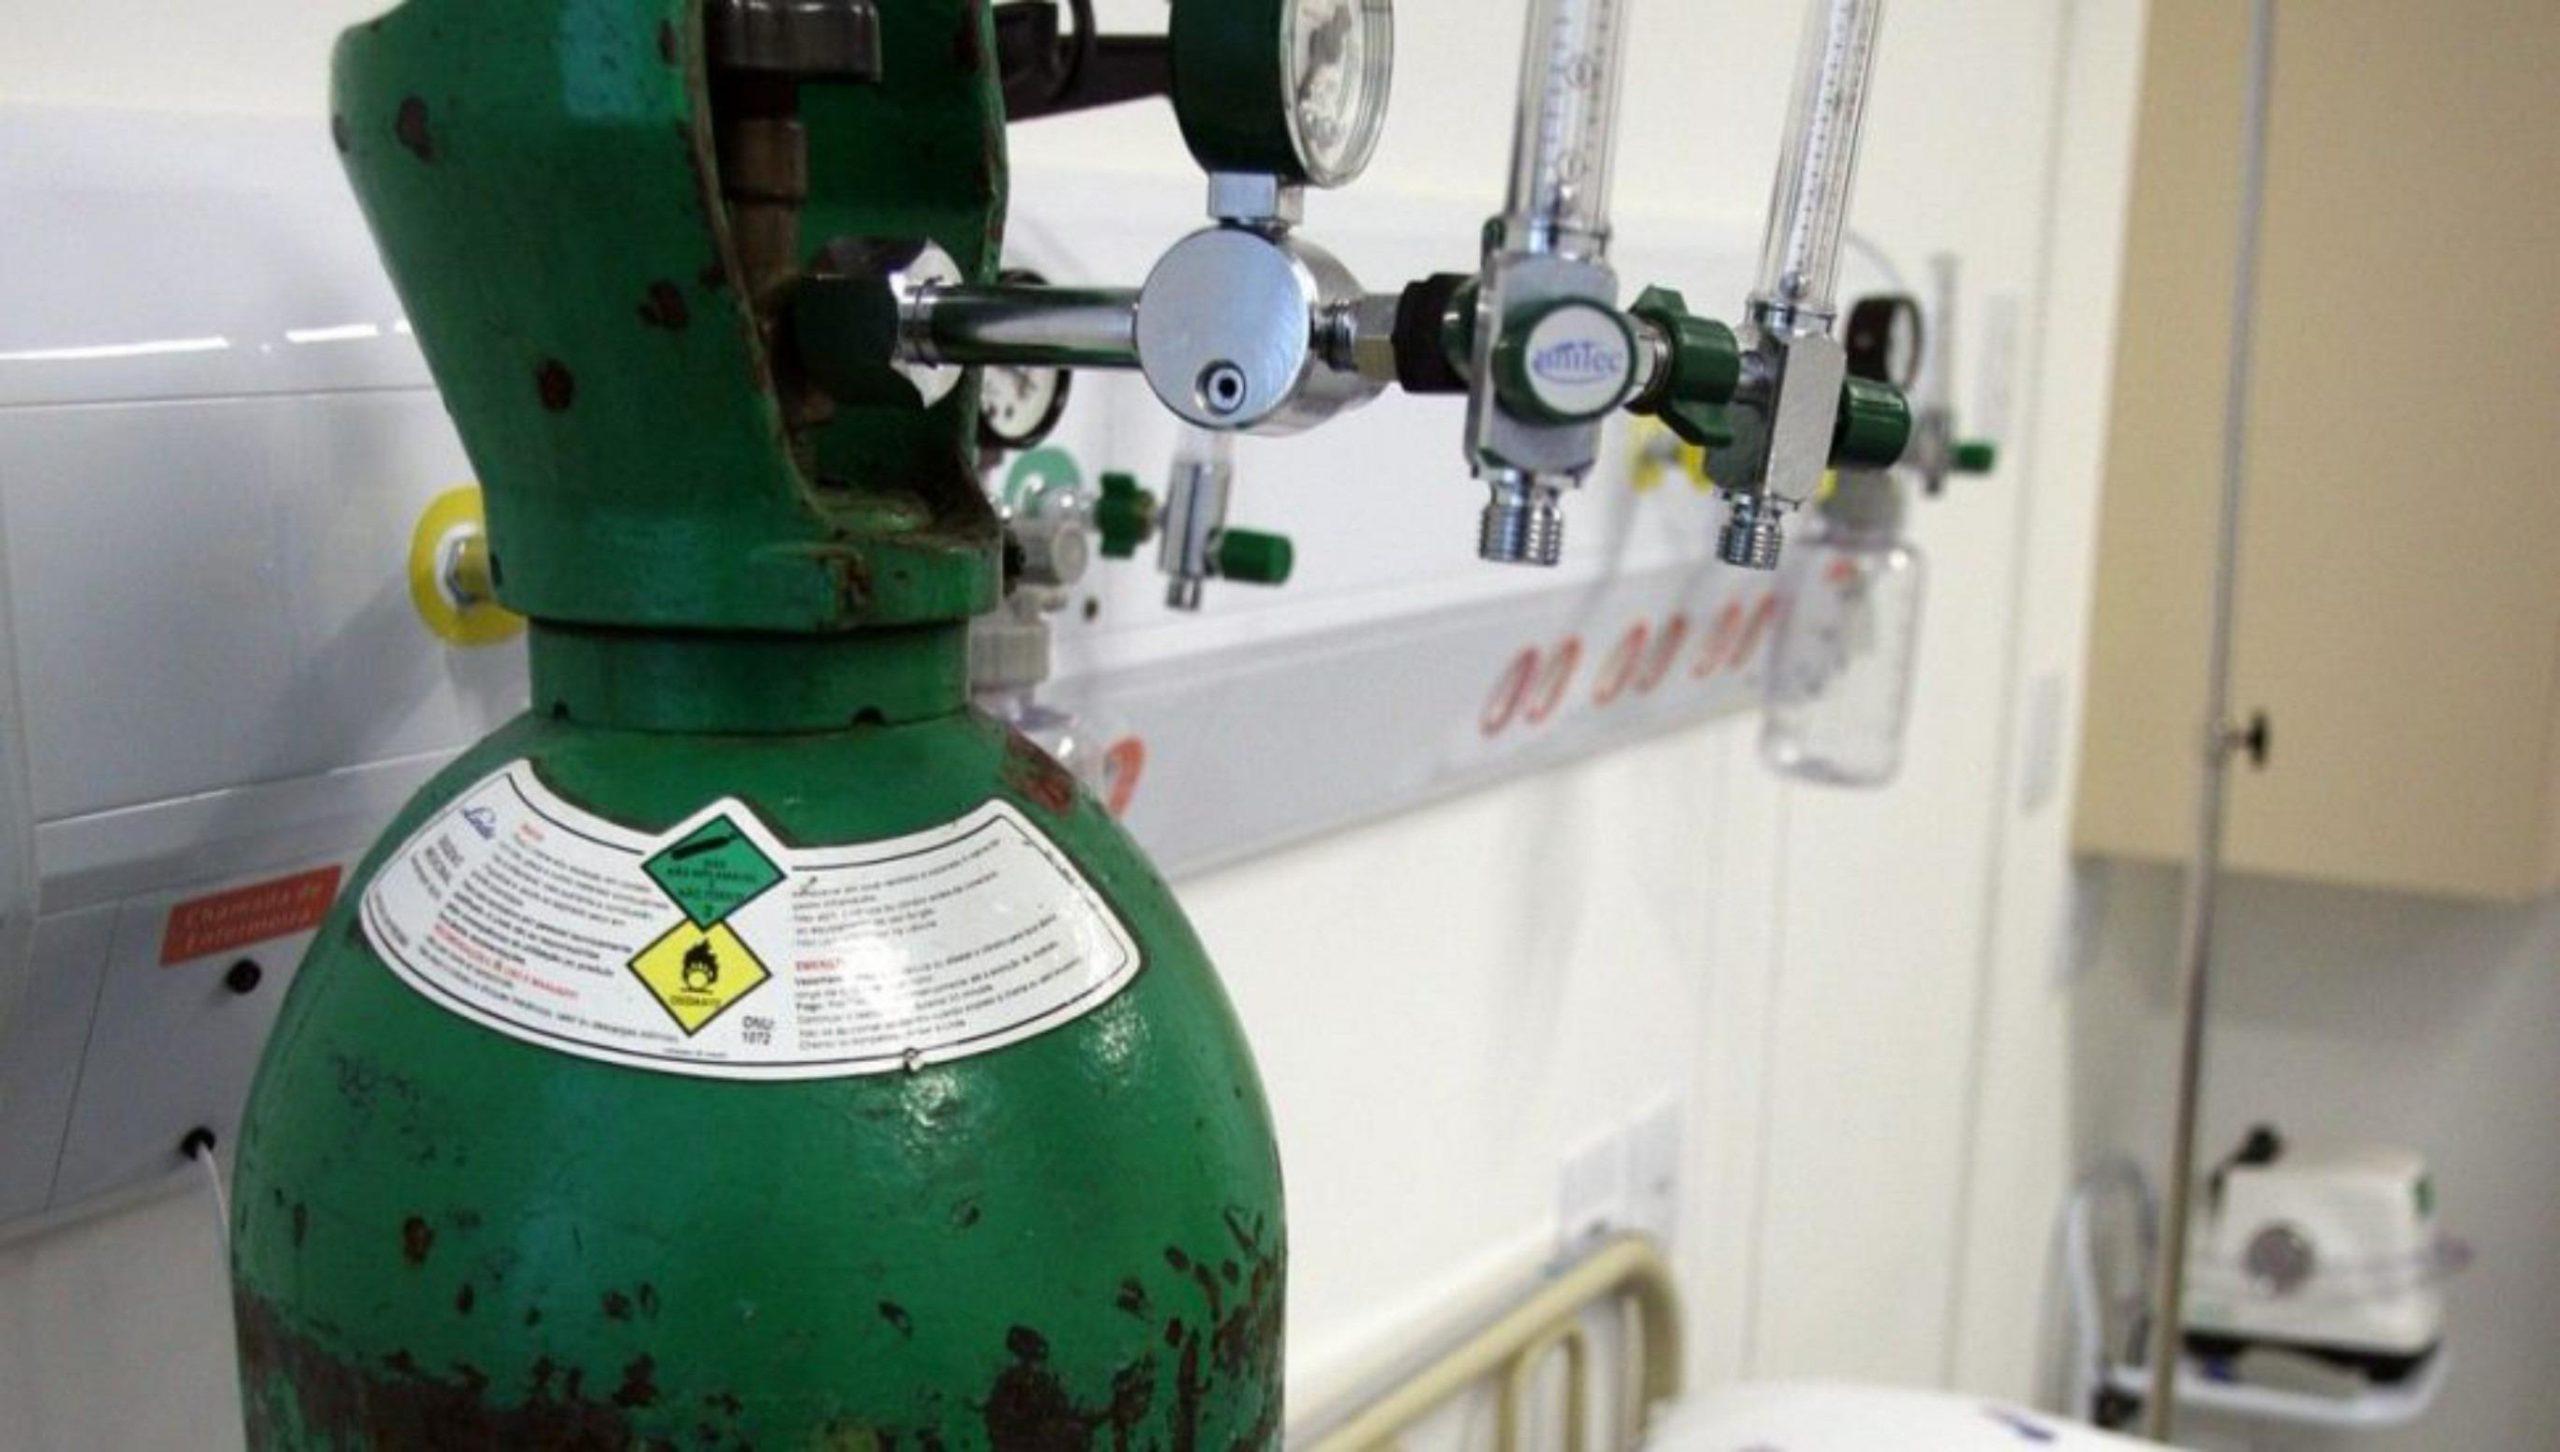 Ministério da Saúde promete enviar 100 cilindros de oxigênio para o RN